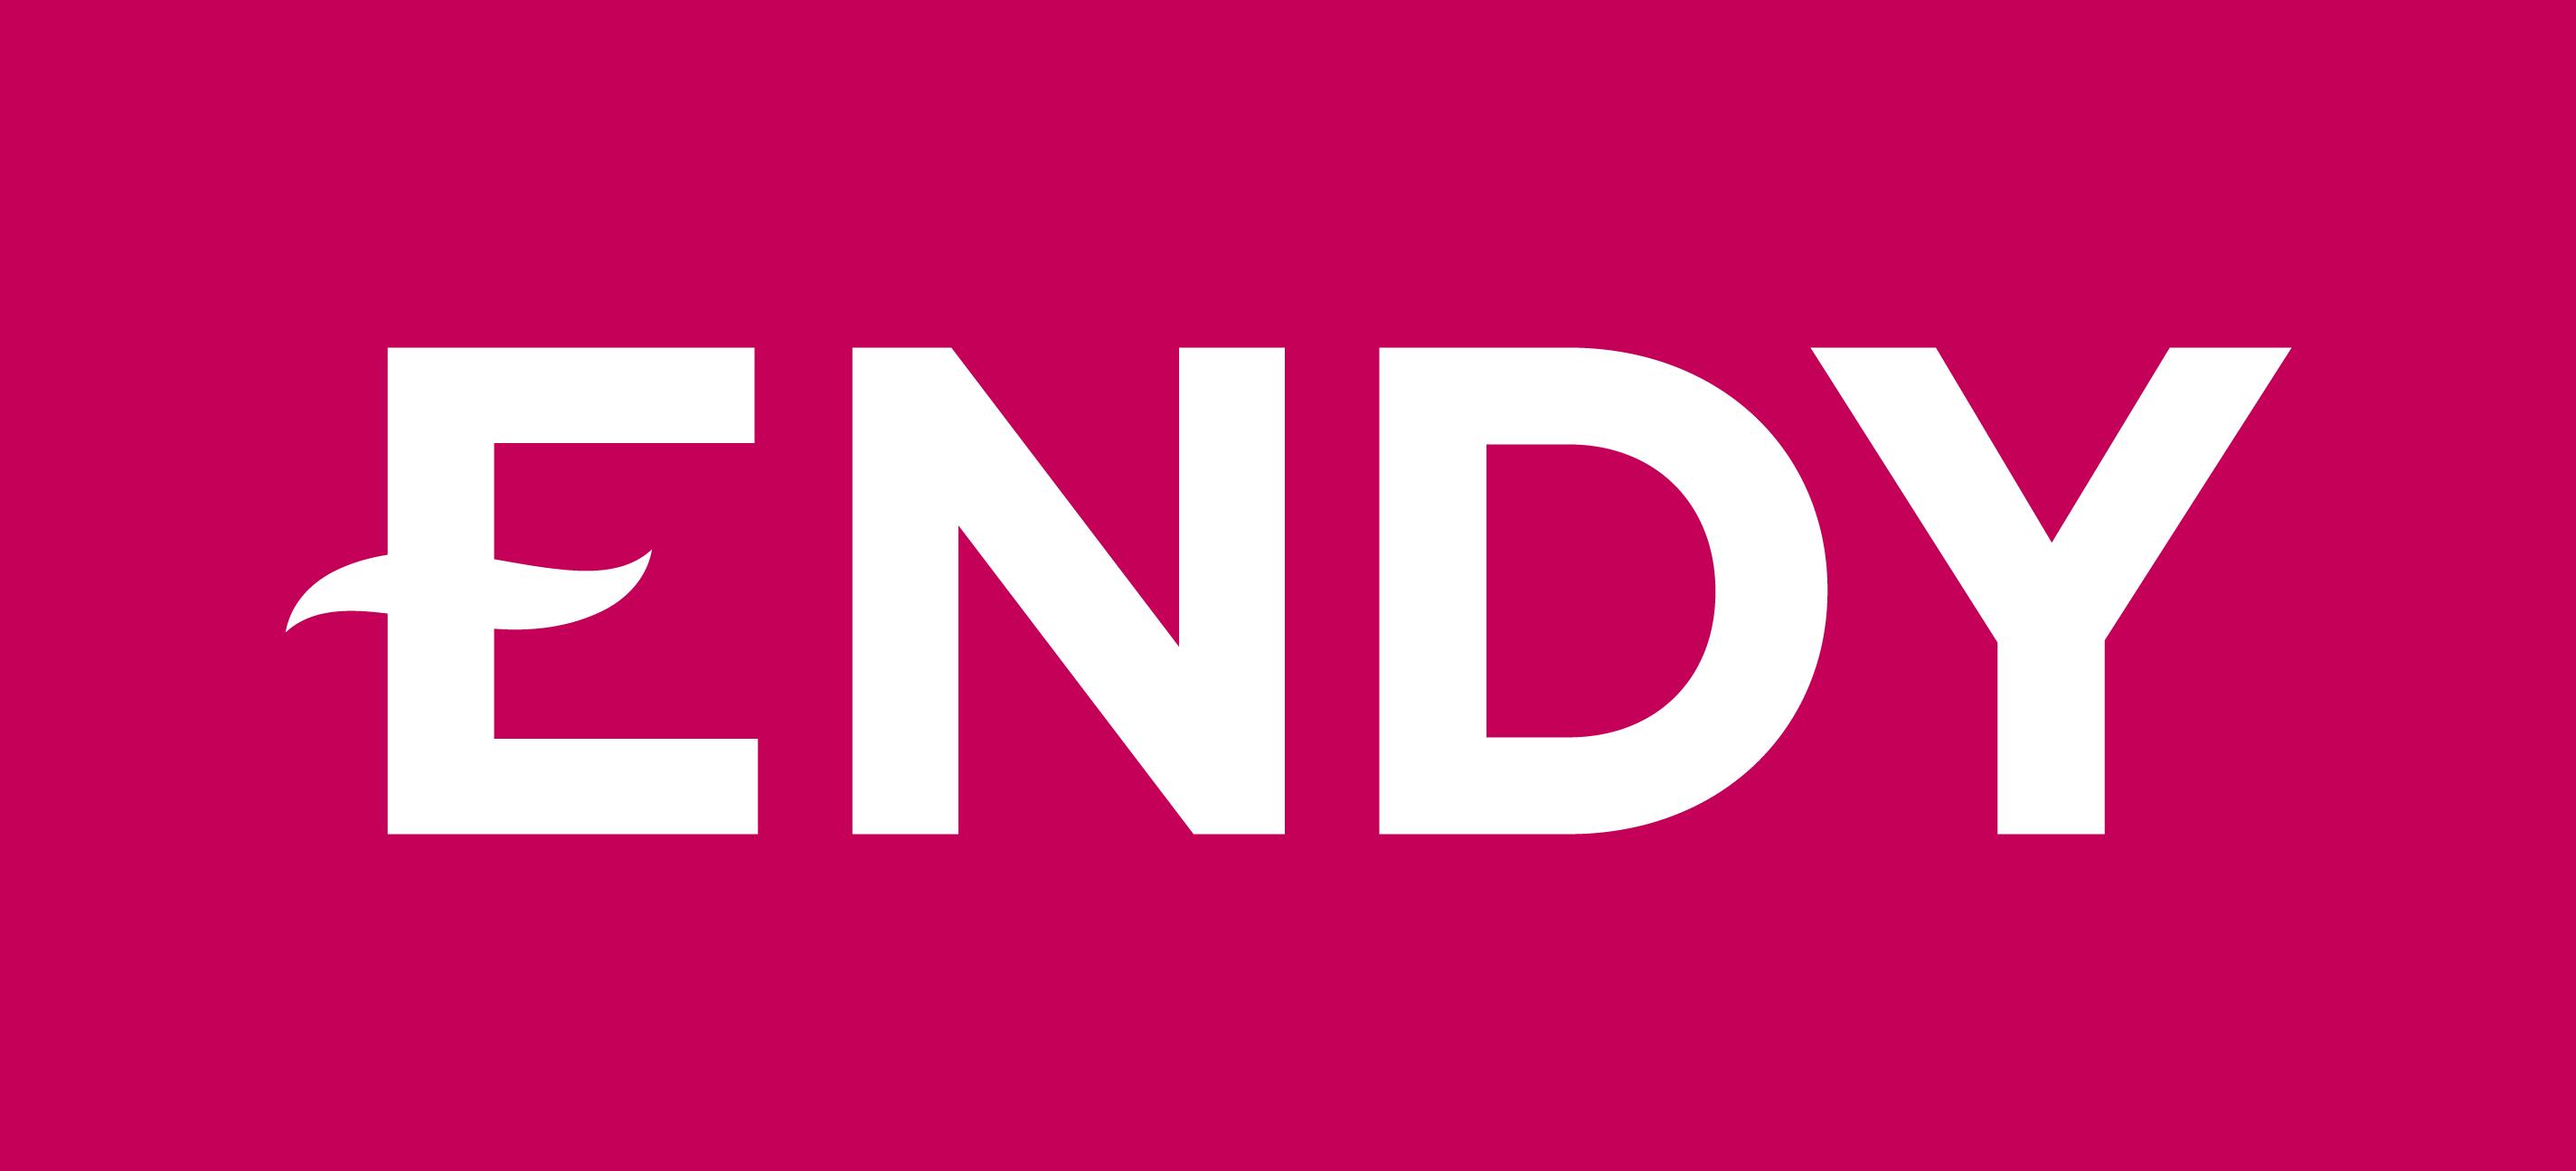 Endy Canada Inc. logo